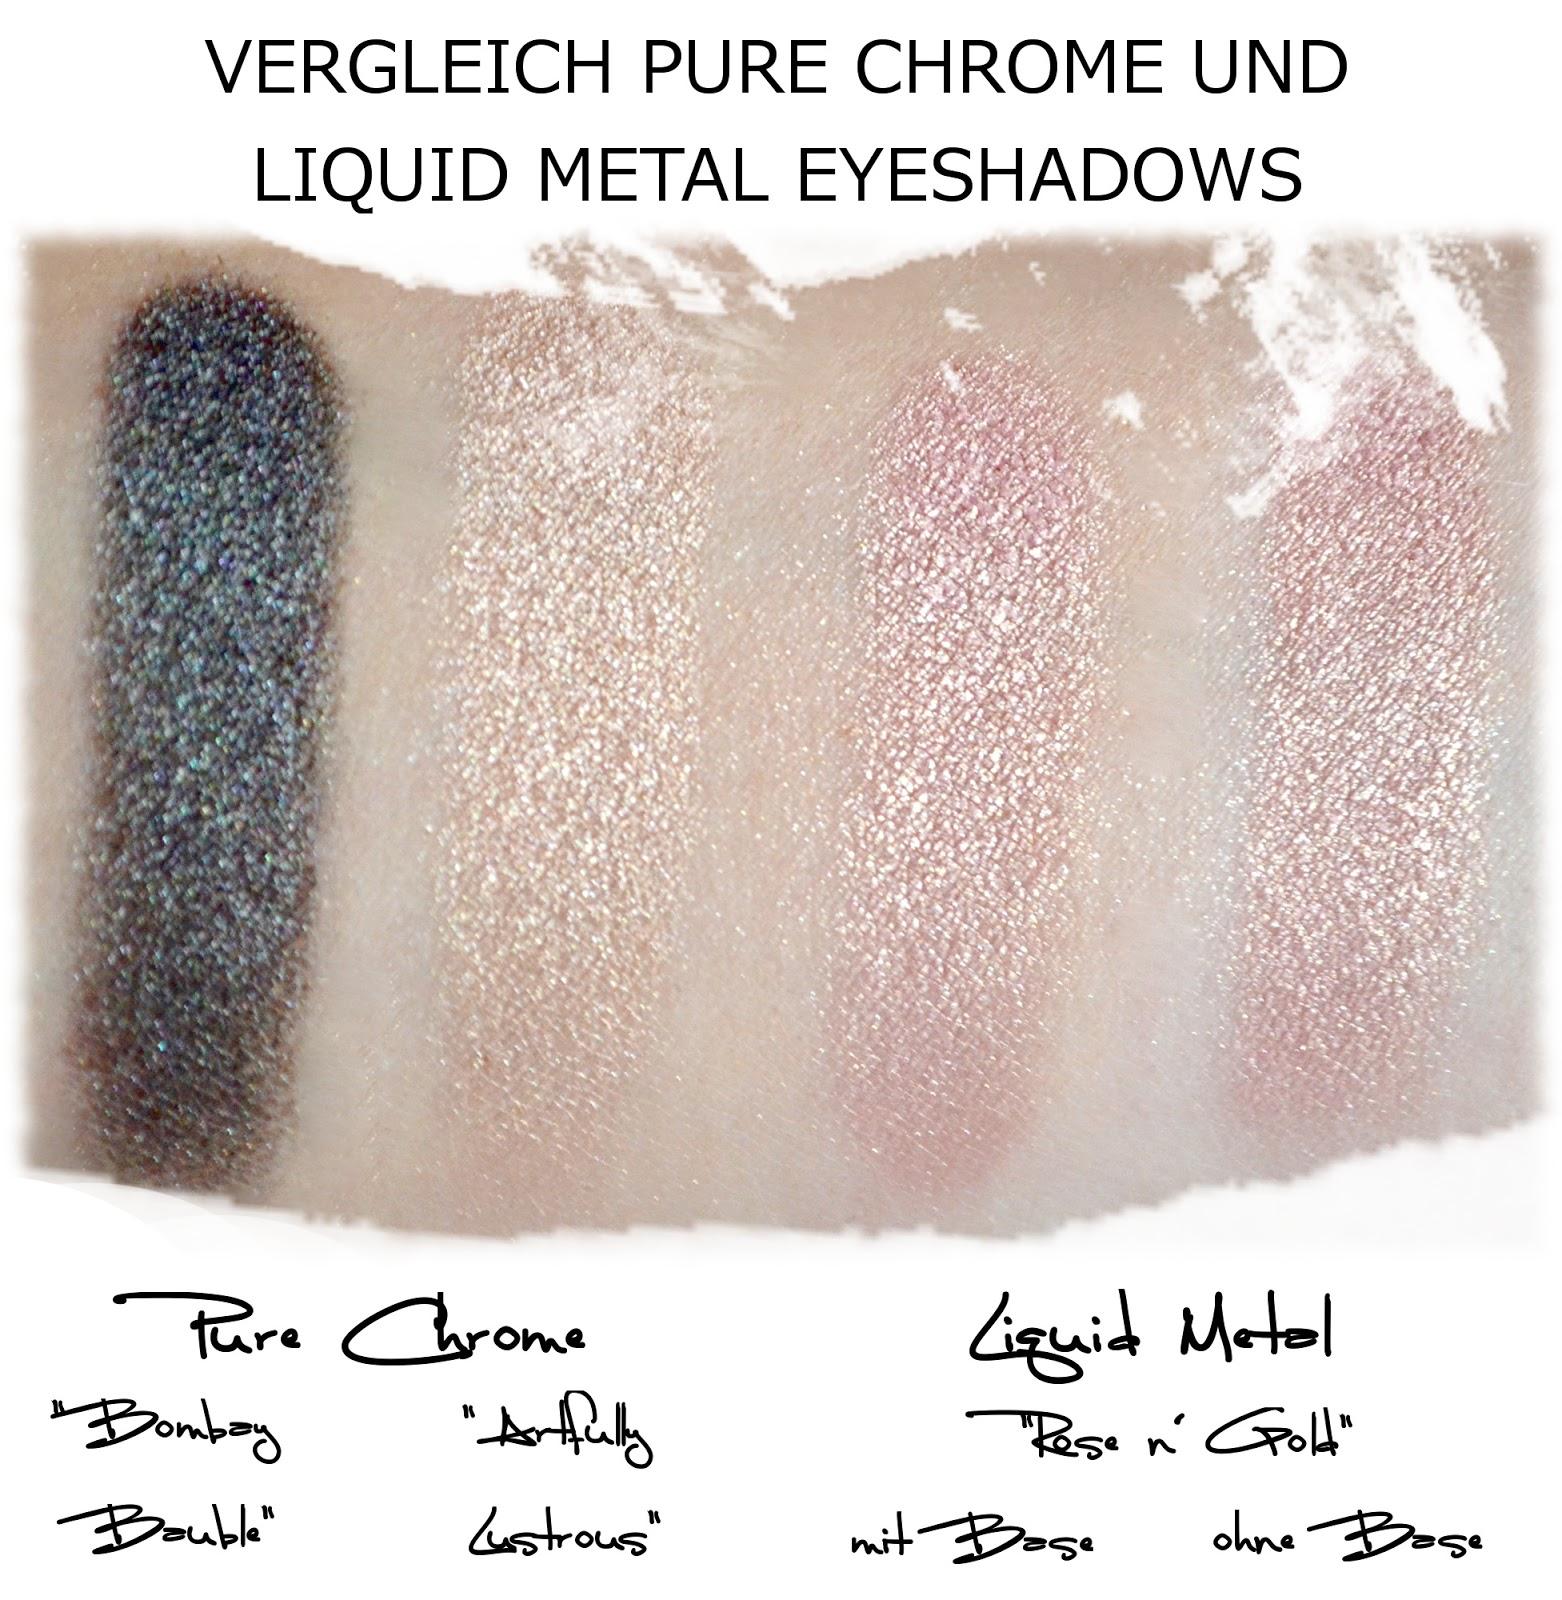 Vergleich Liquid Metal und Pure Chrome Eyeshadow